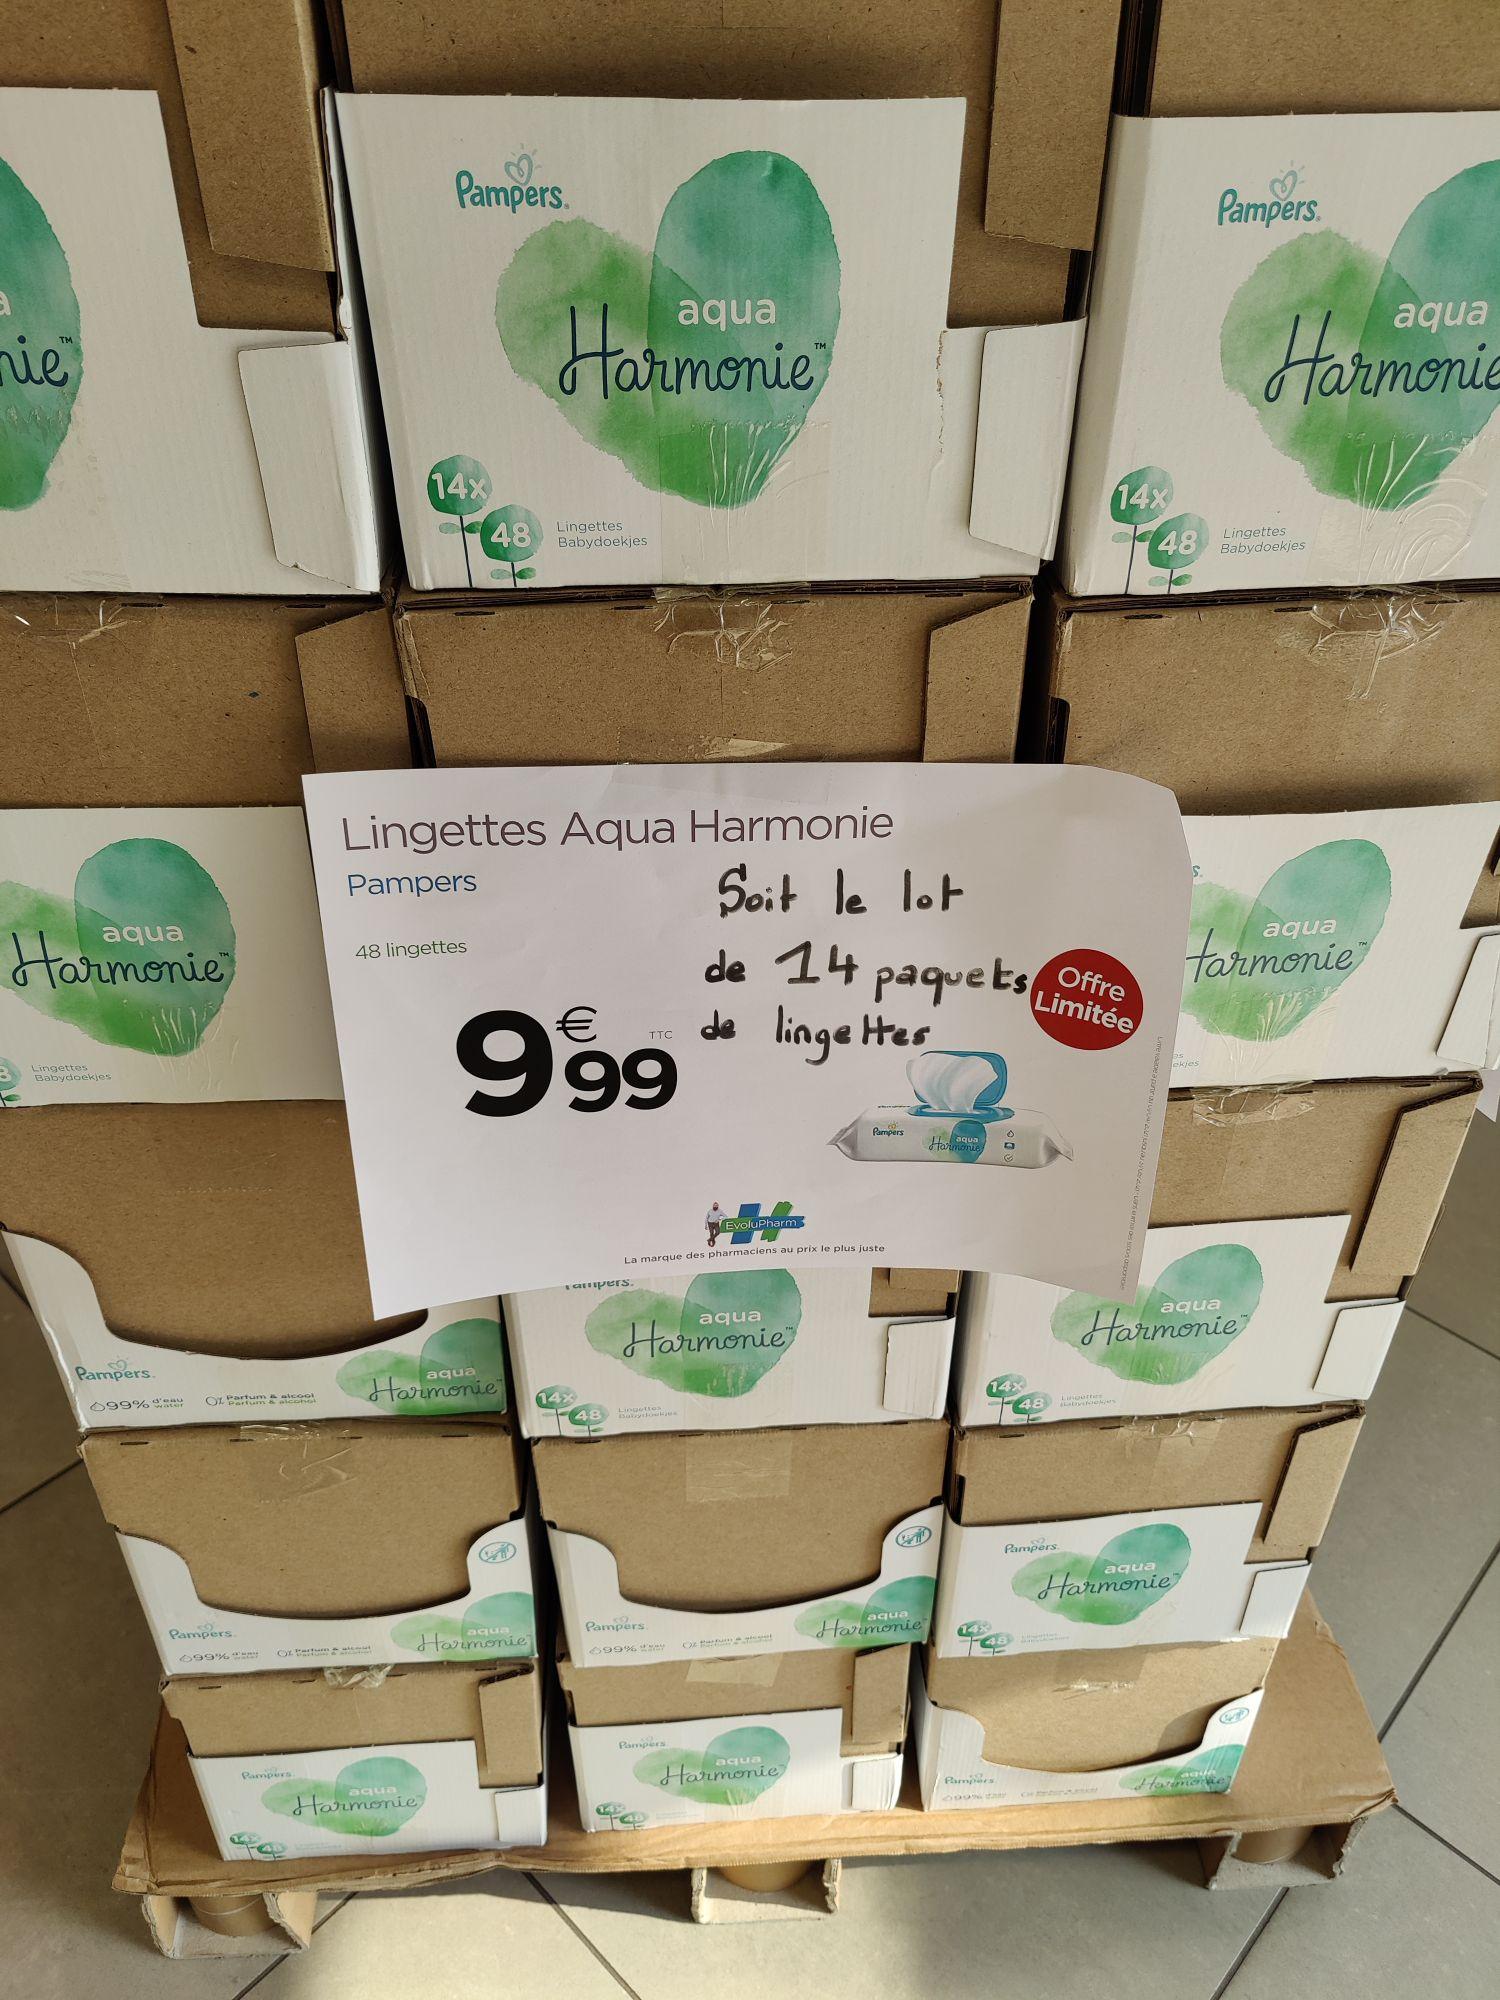 Lot de 14 paquets de lingettes Pampers Harmonie Aqua (14 x 48 lingettes) - Pharmacie Moulins Deliot Lille (59)